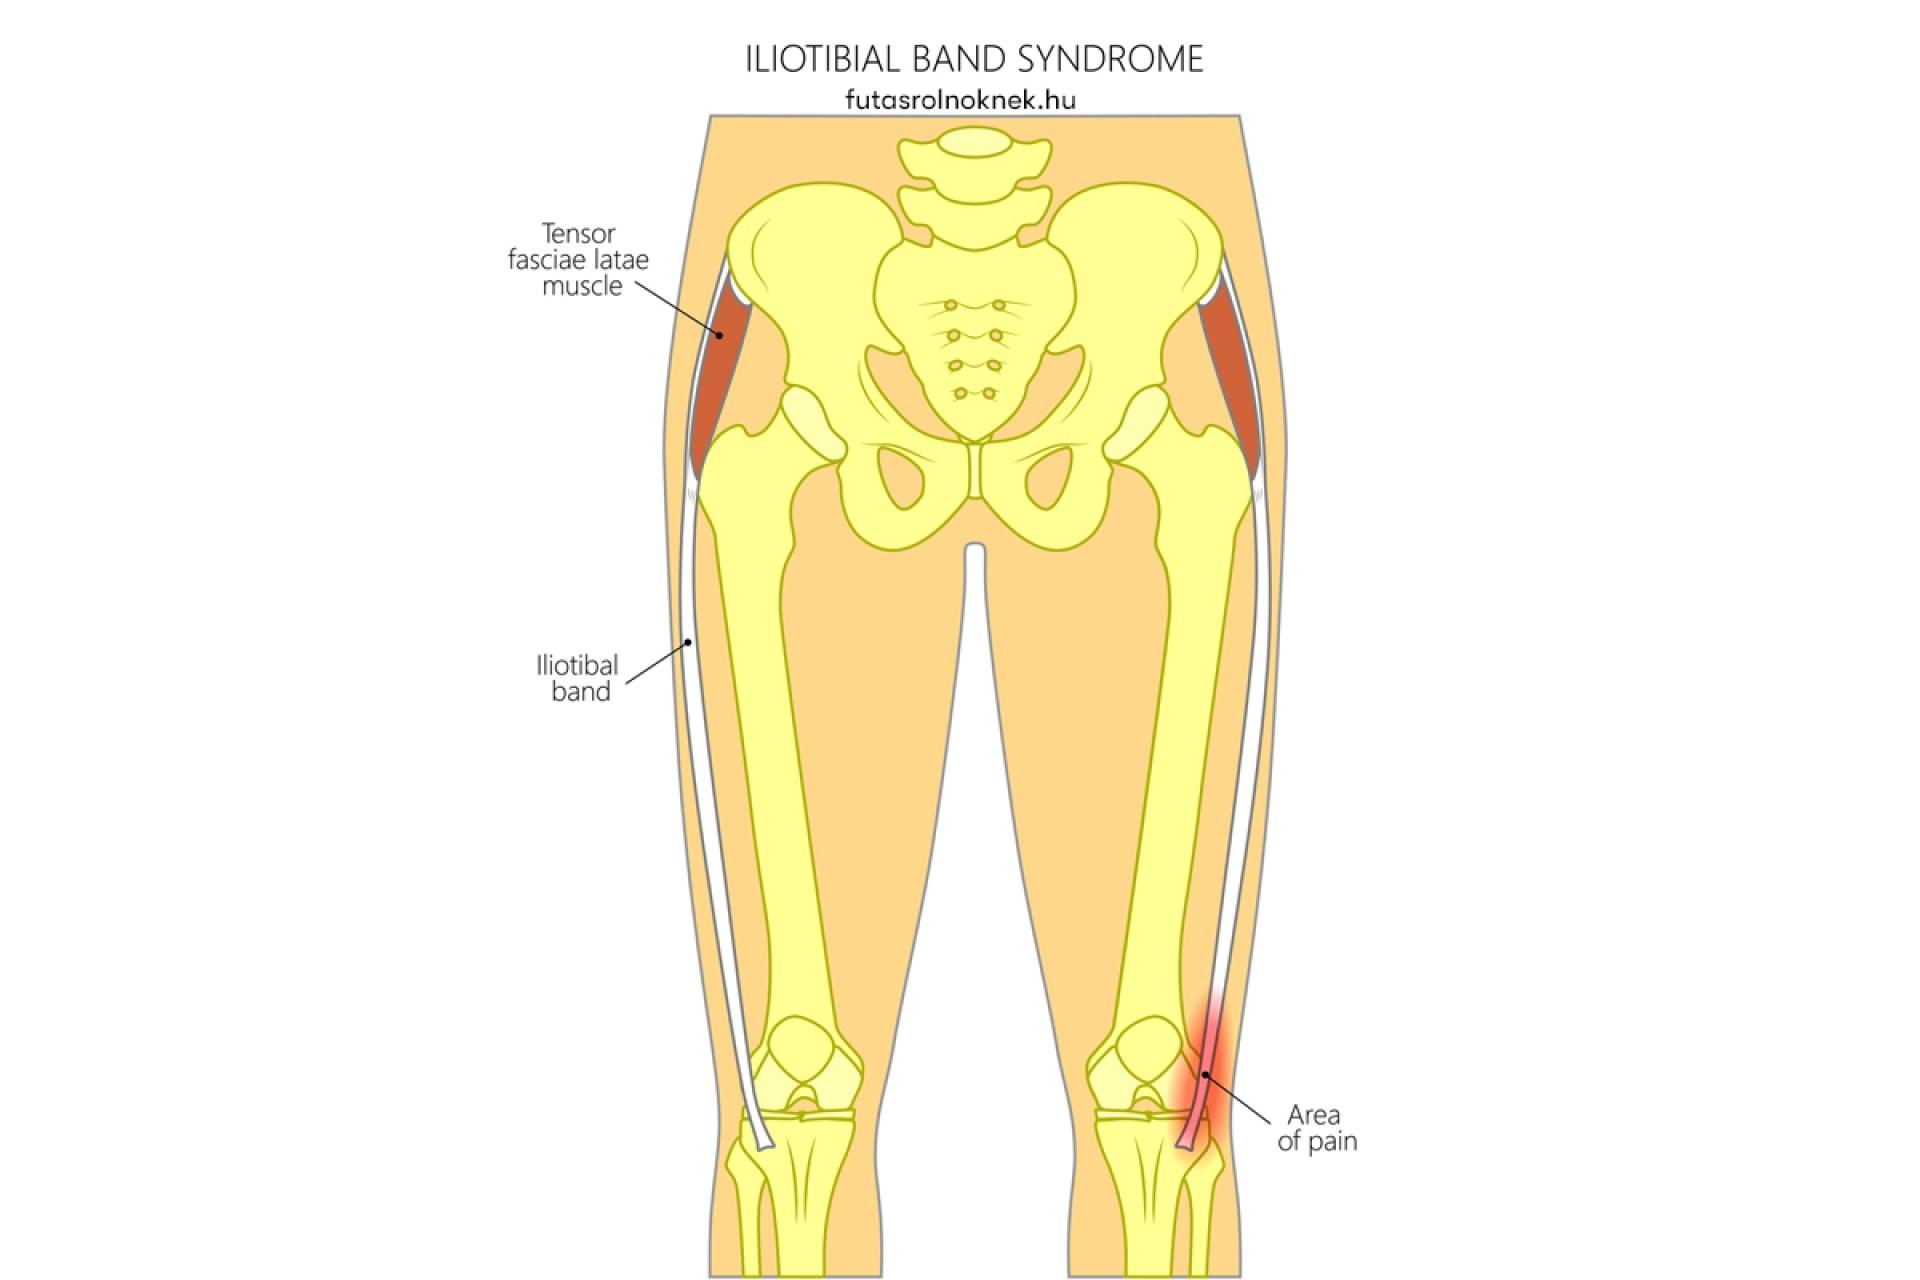 mit lehet tenni a lábak ízületeinek fájdalmával